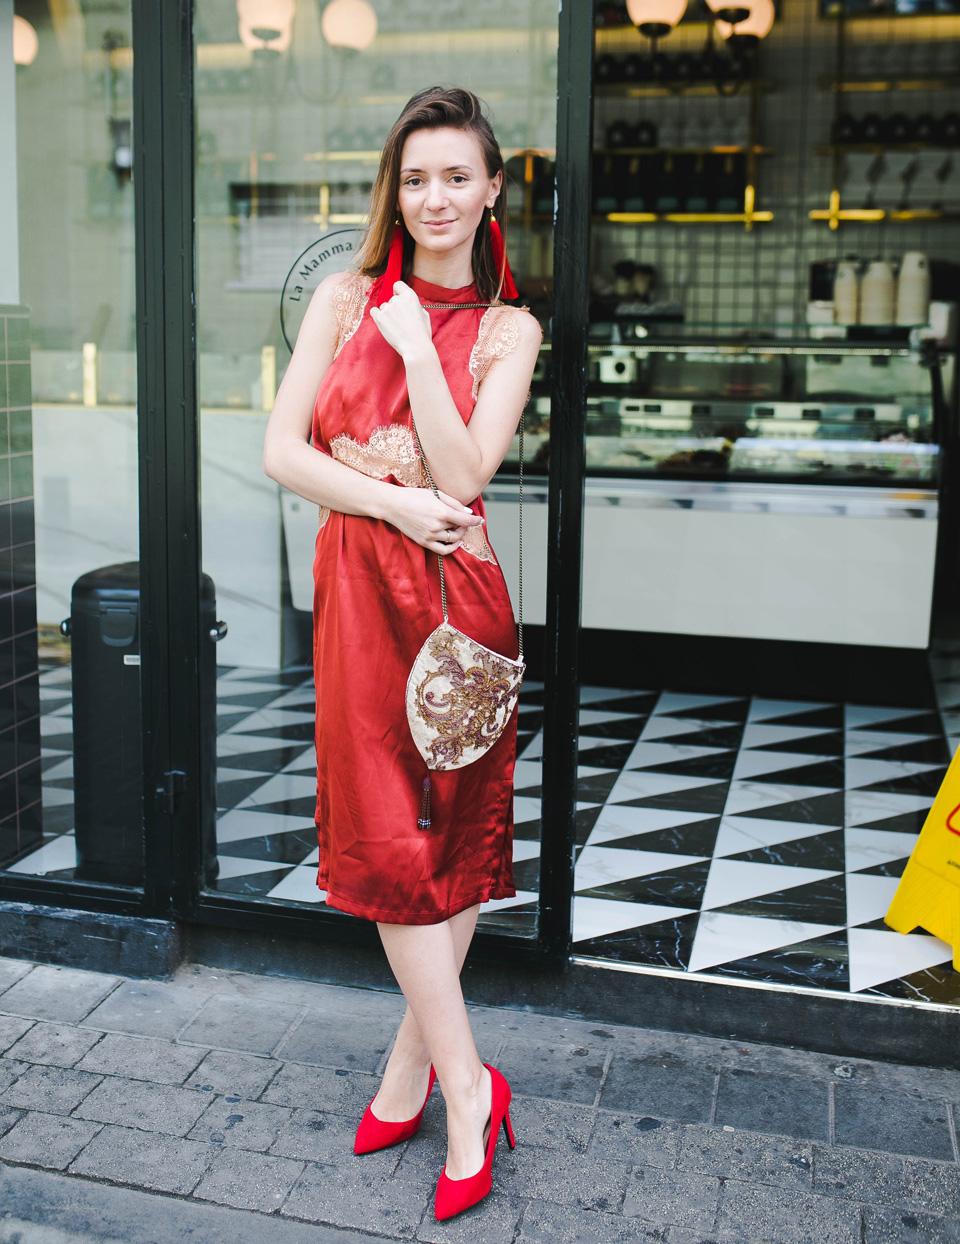 Романтическое платье. Фото: Виталий Вайсман. Стилист: Анастасия Мамаева